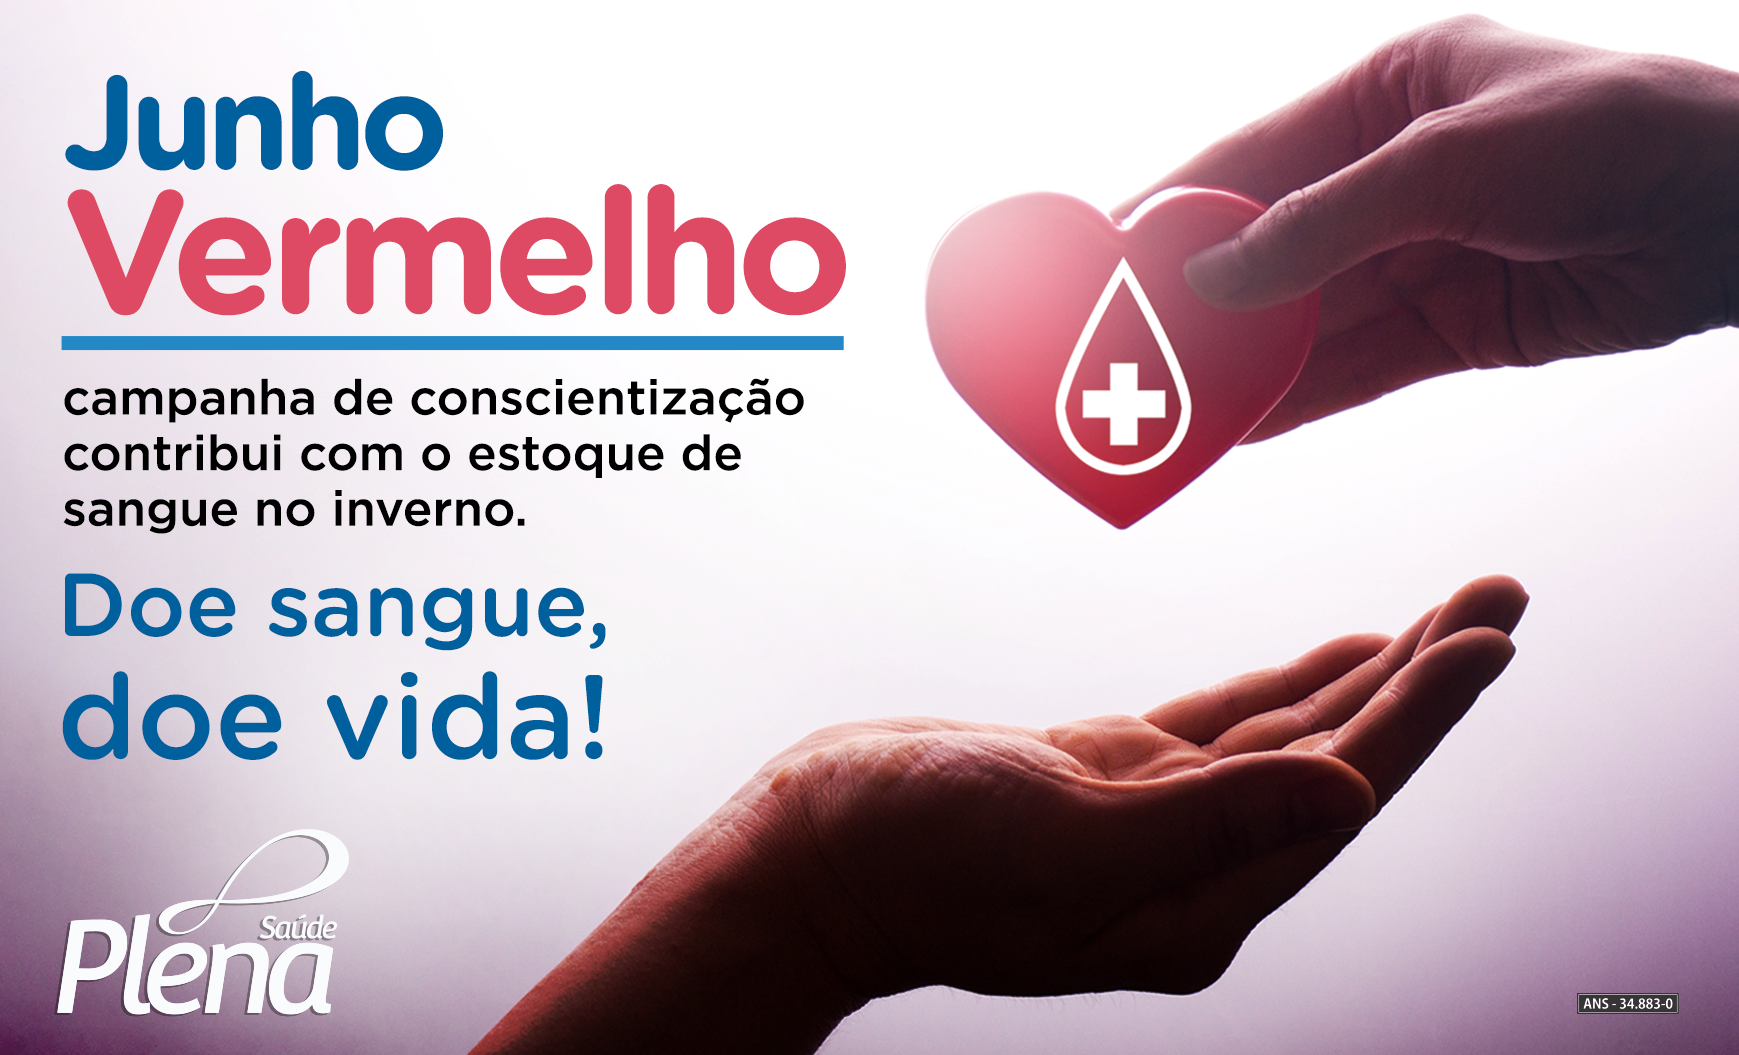 Junho Vermelho: campanha de conscientização contribui com o estoque de sangue no inverno